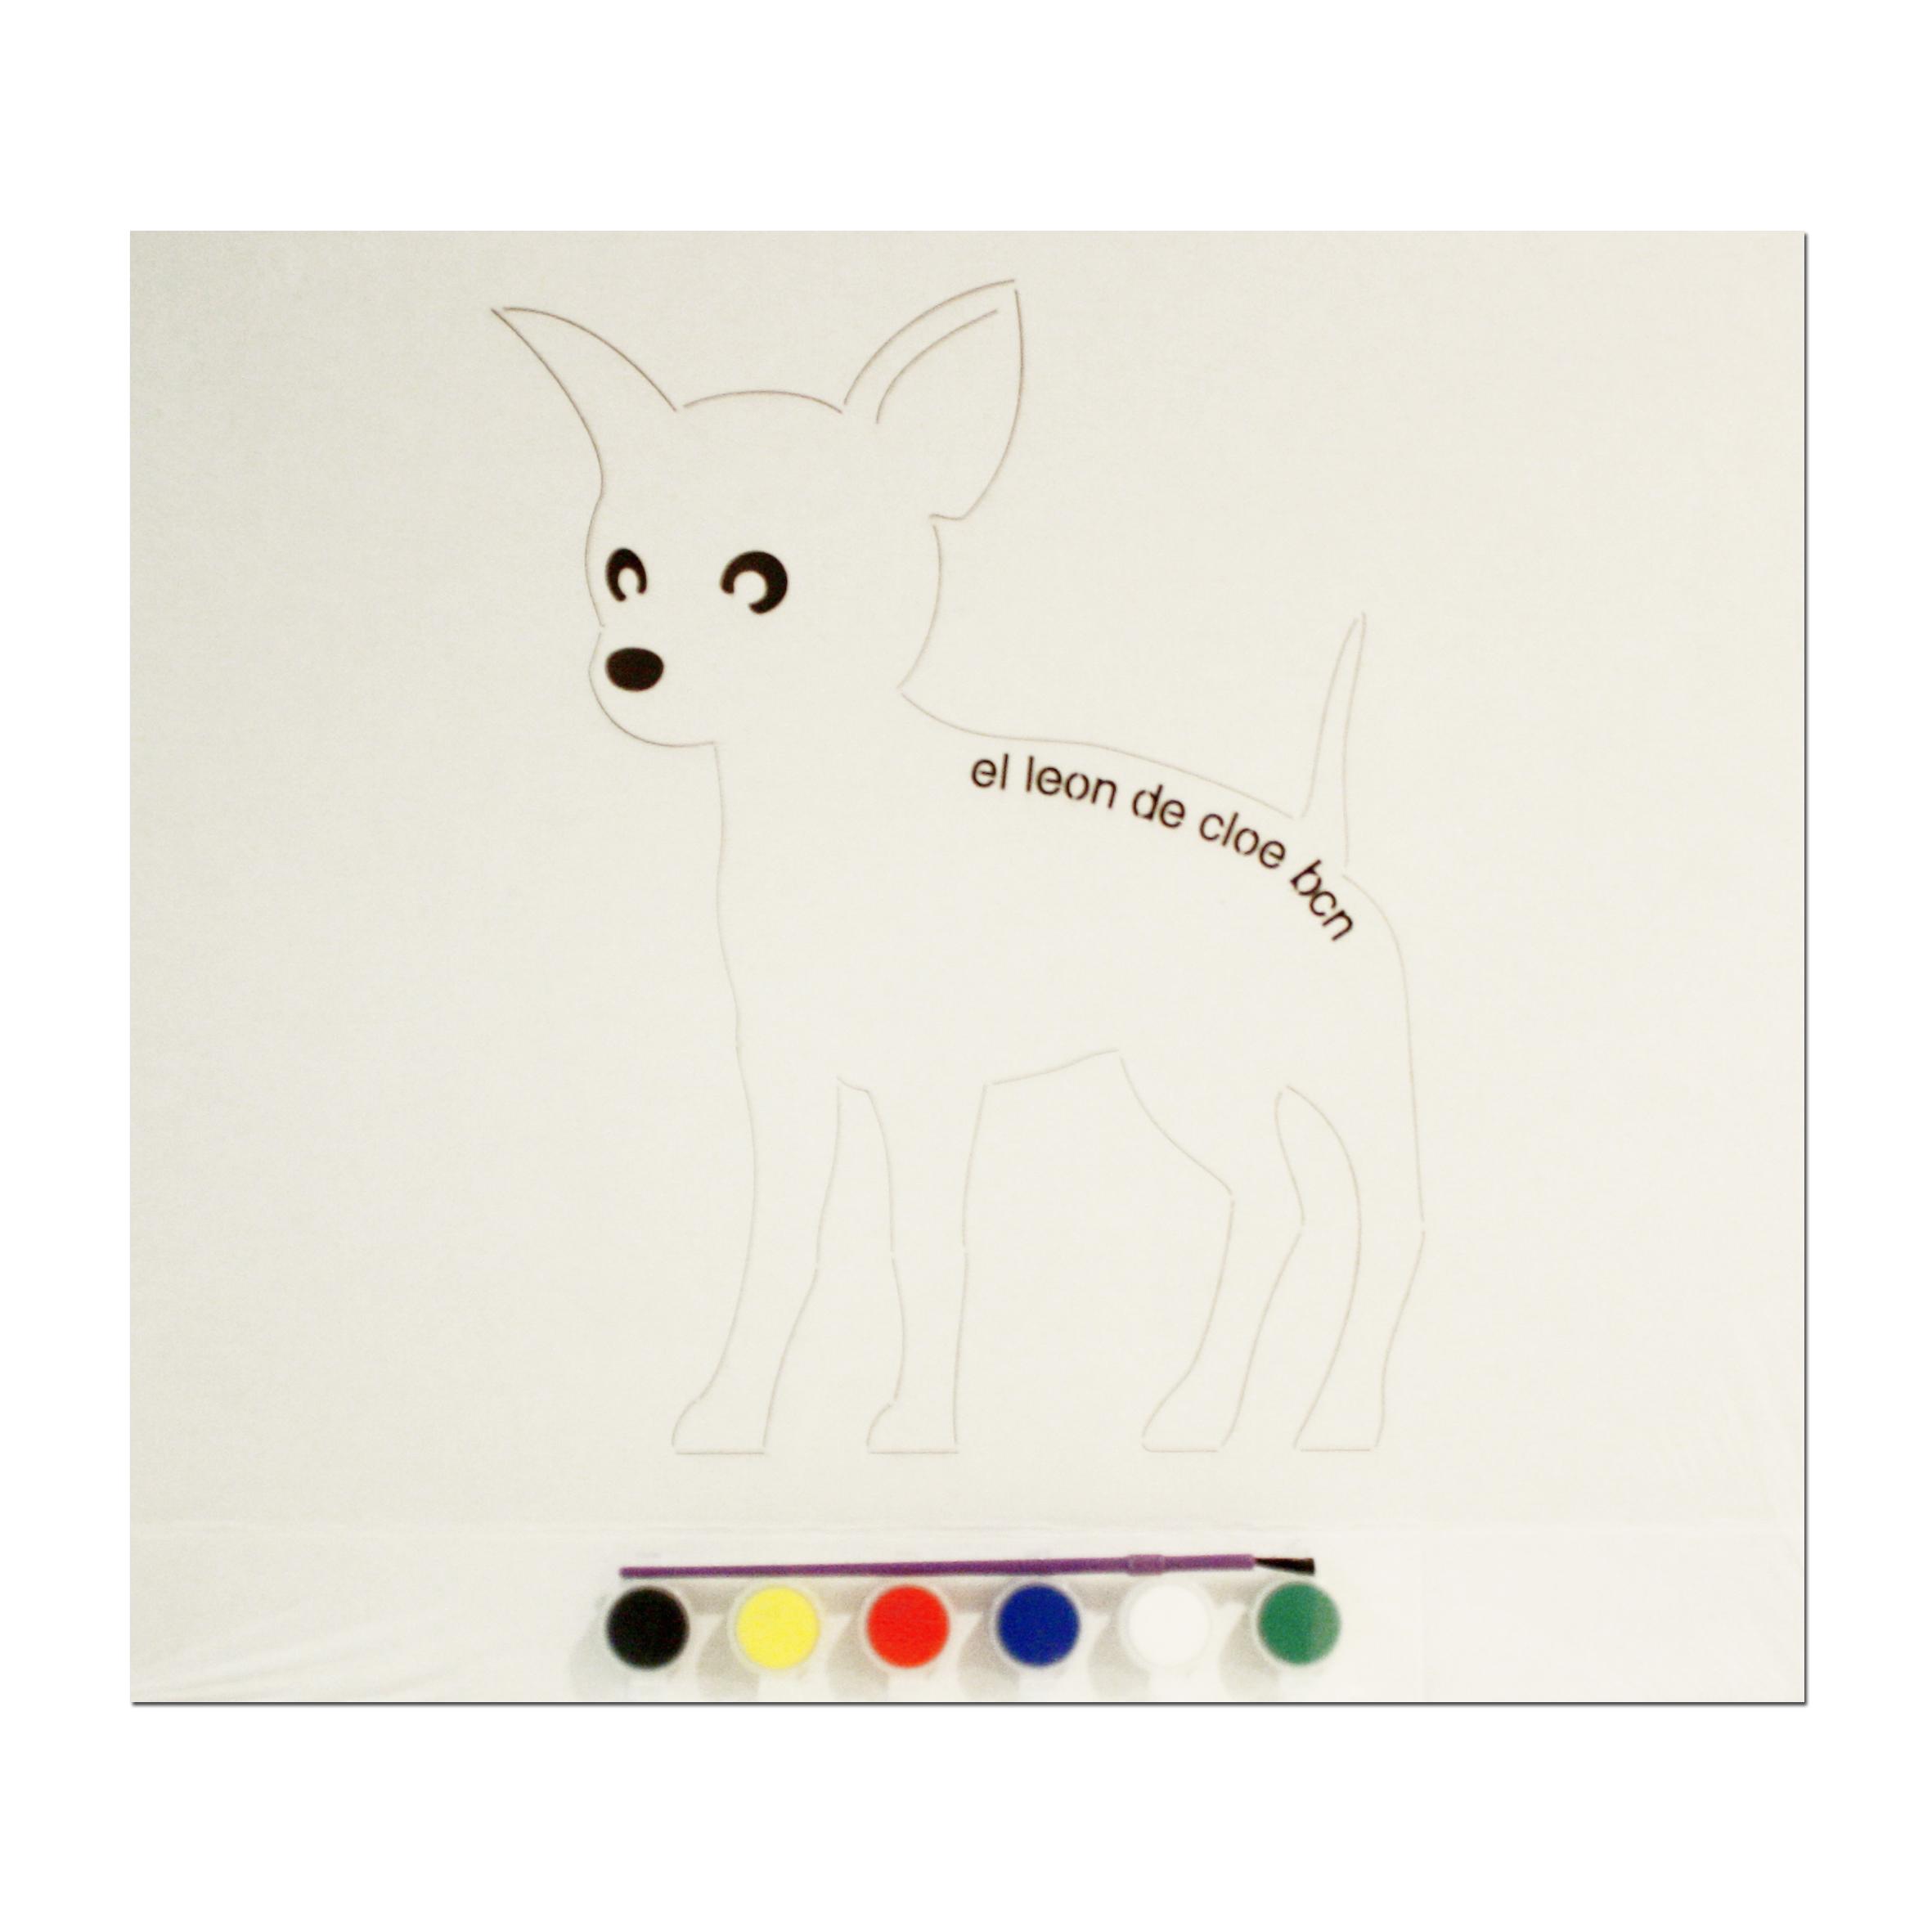 Kit de pintar Chihuahua del León de Cloe. El regalo perfecto para cualquier niño.